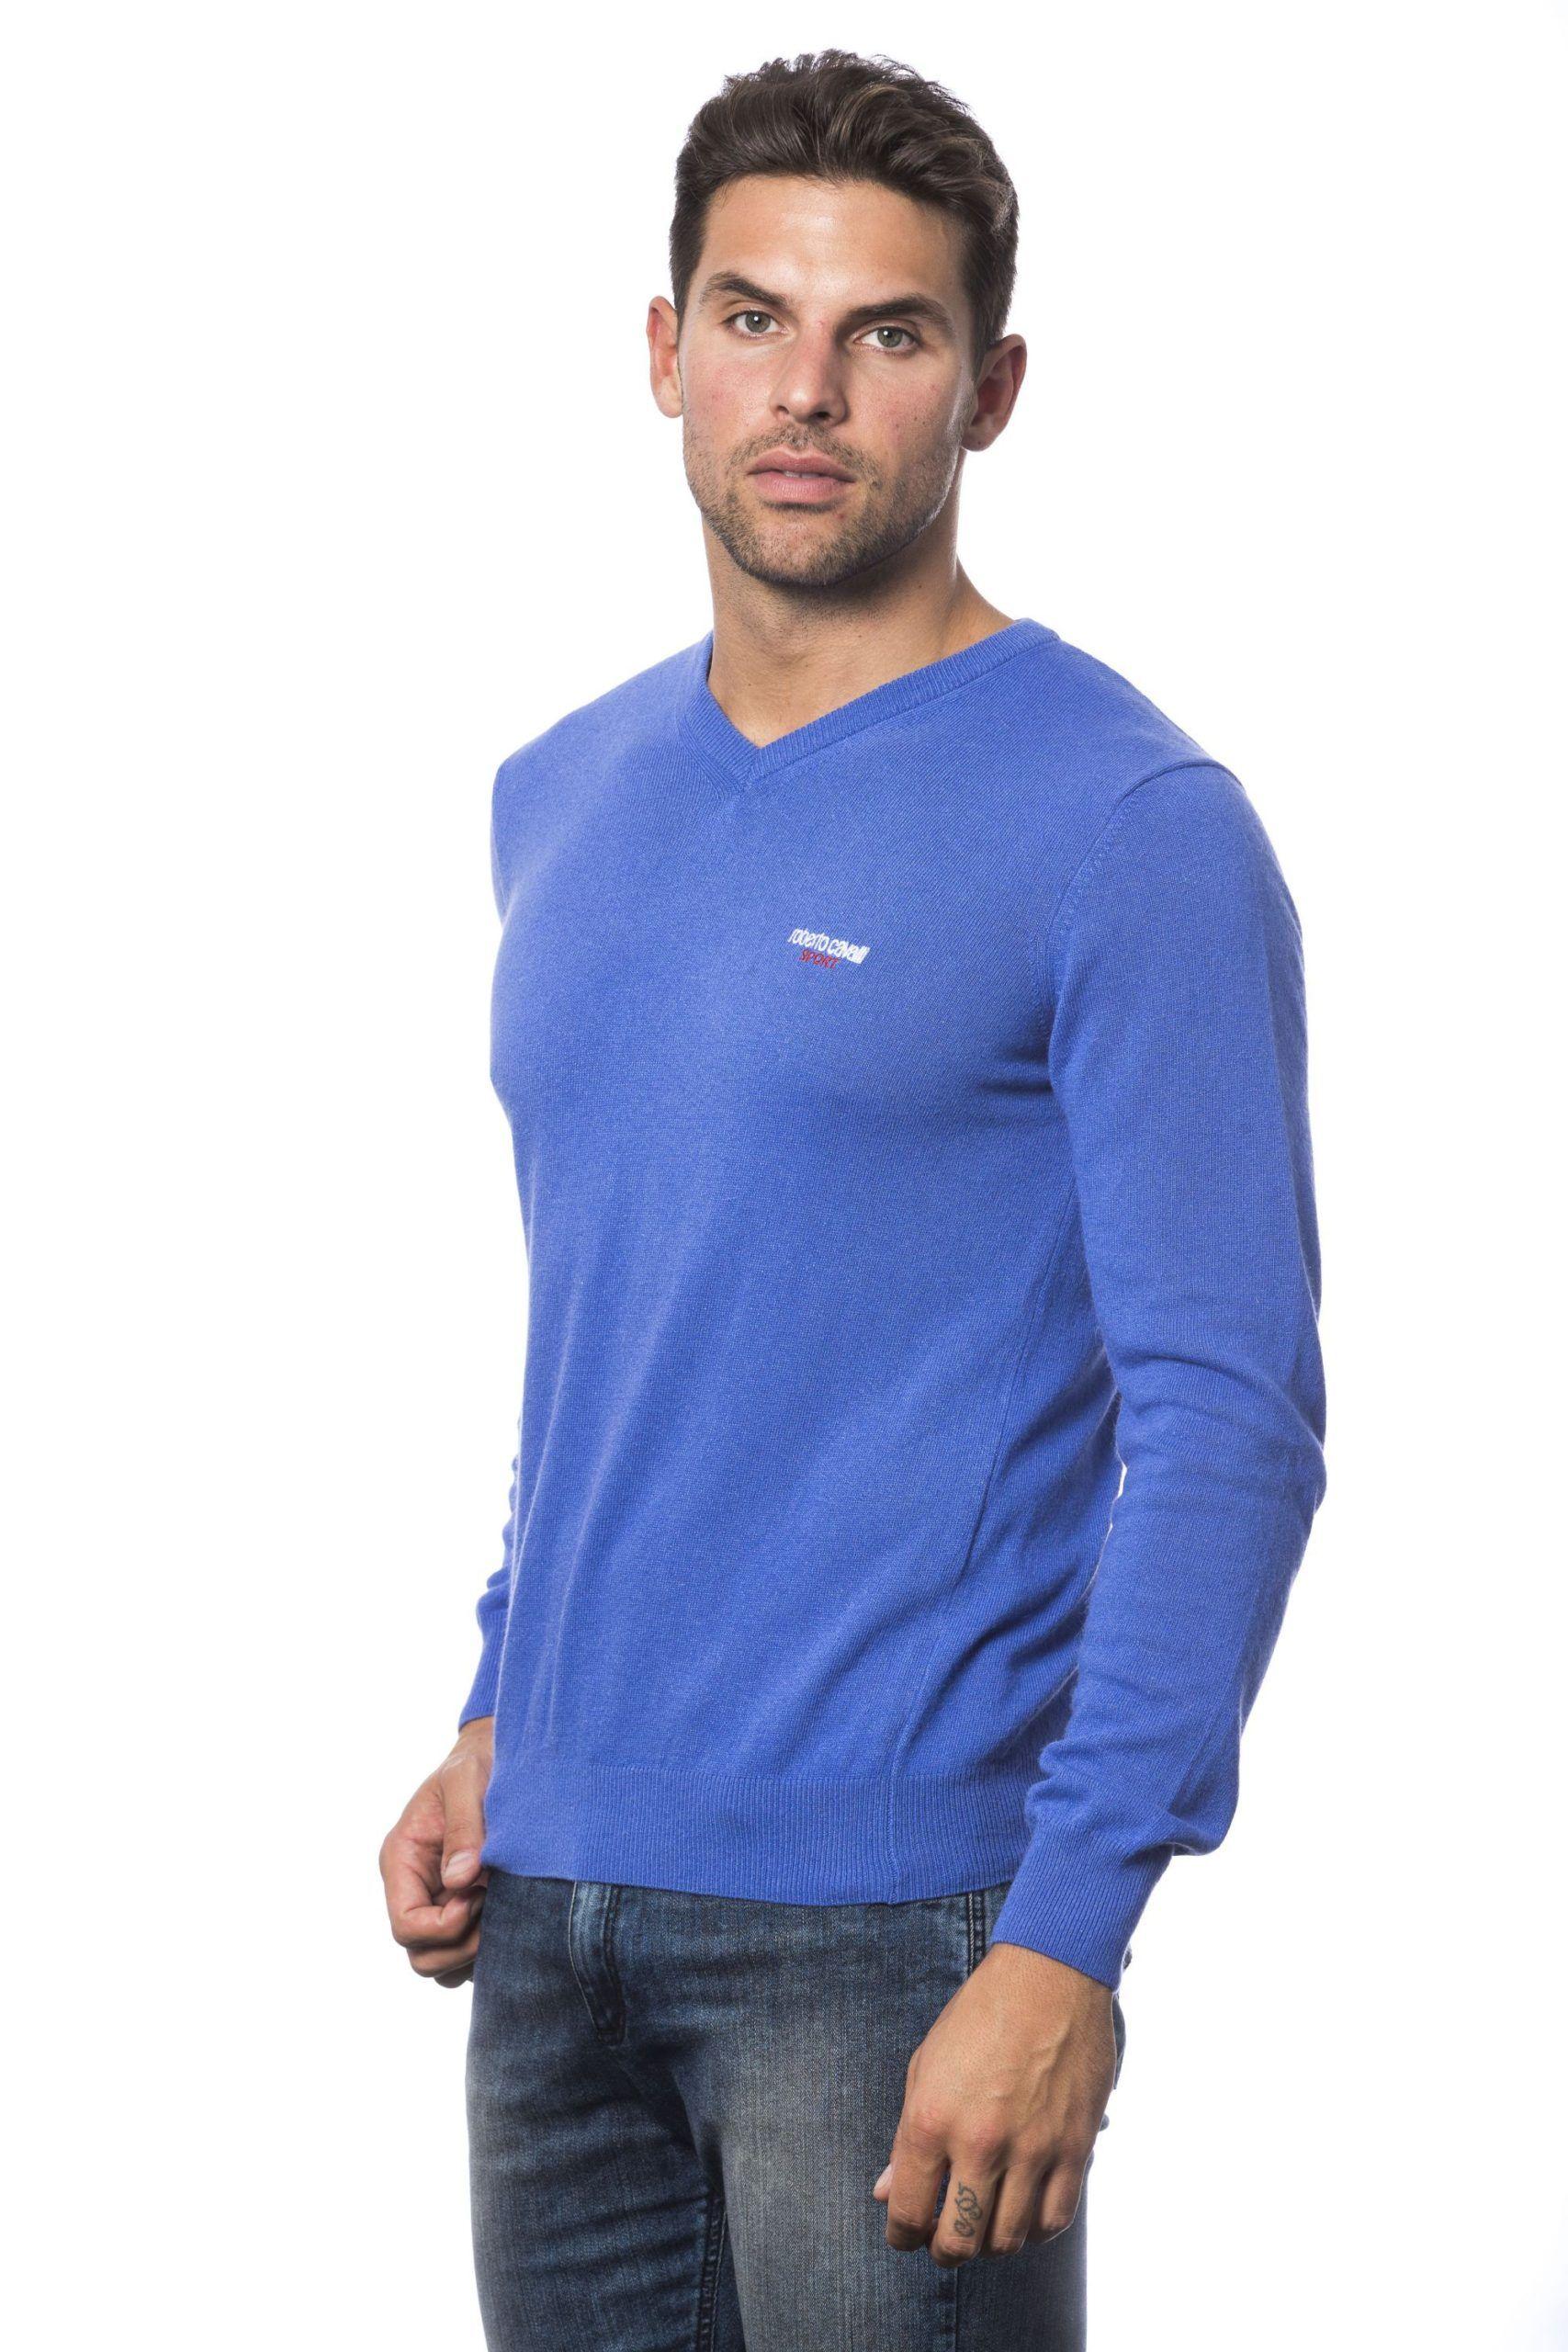 Roberto Cavalli Sport Bluette Sweater